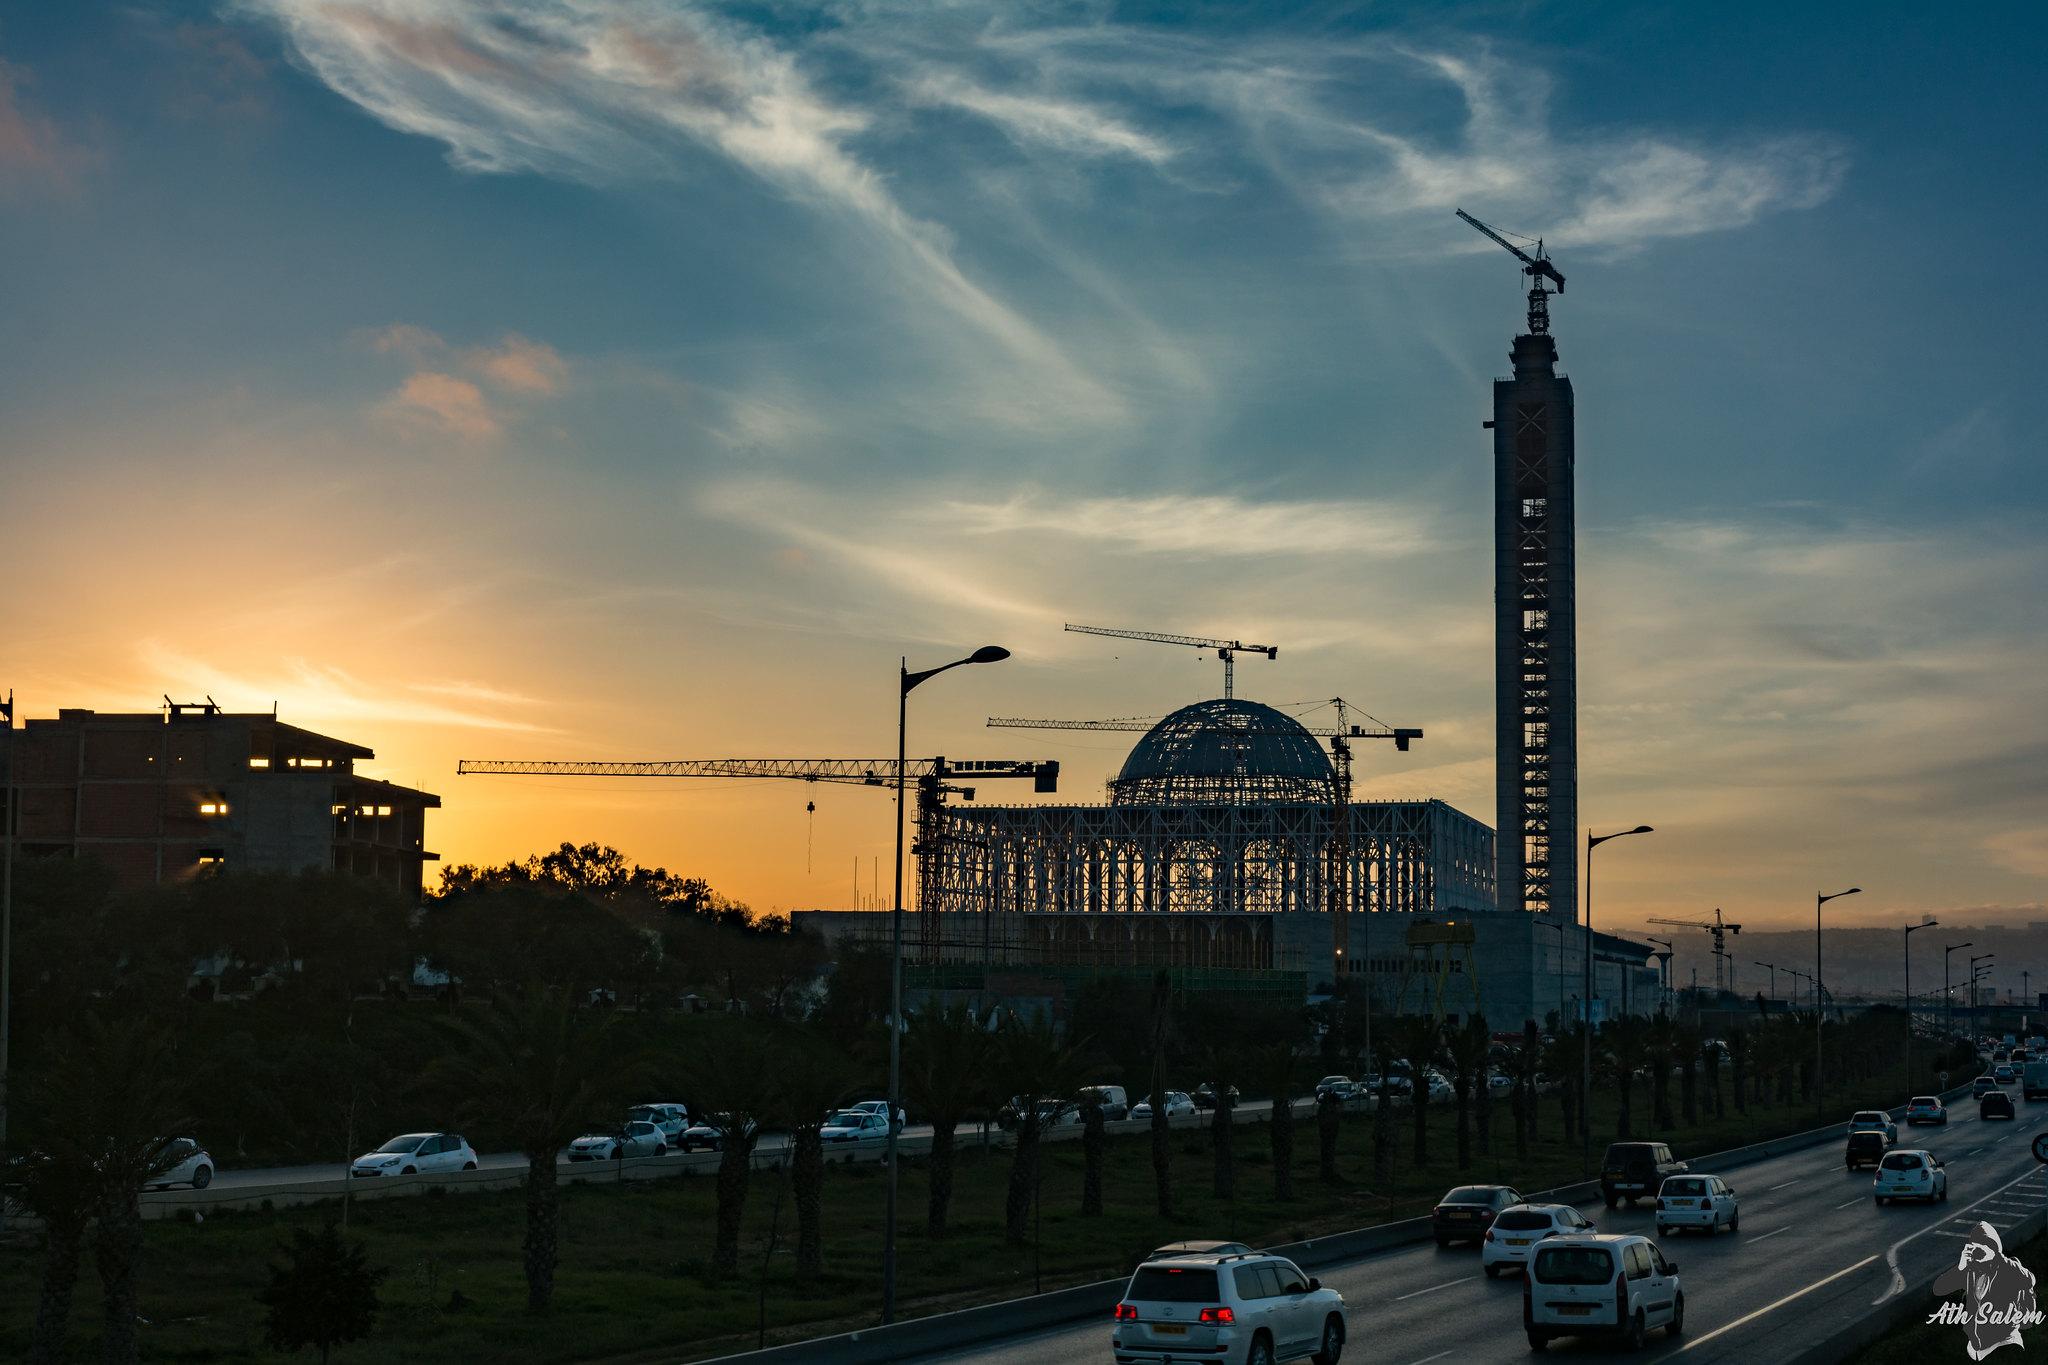 مشروع جامع الجزائر الأعظم: إعطاء إشارة إنطلاق أشغال الإنجاز - صفحة 19 33680543726_ee6b44972f_k